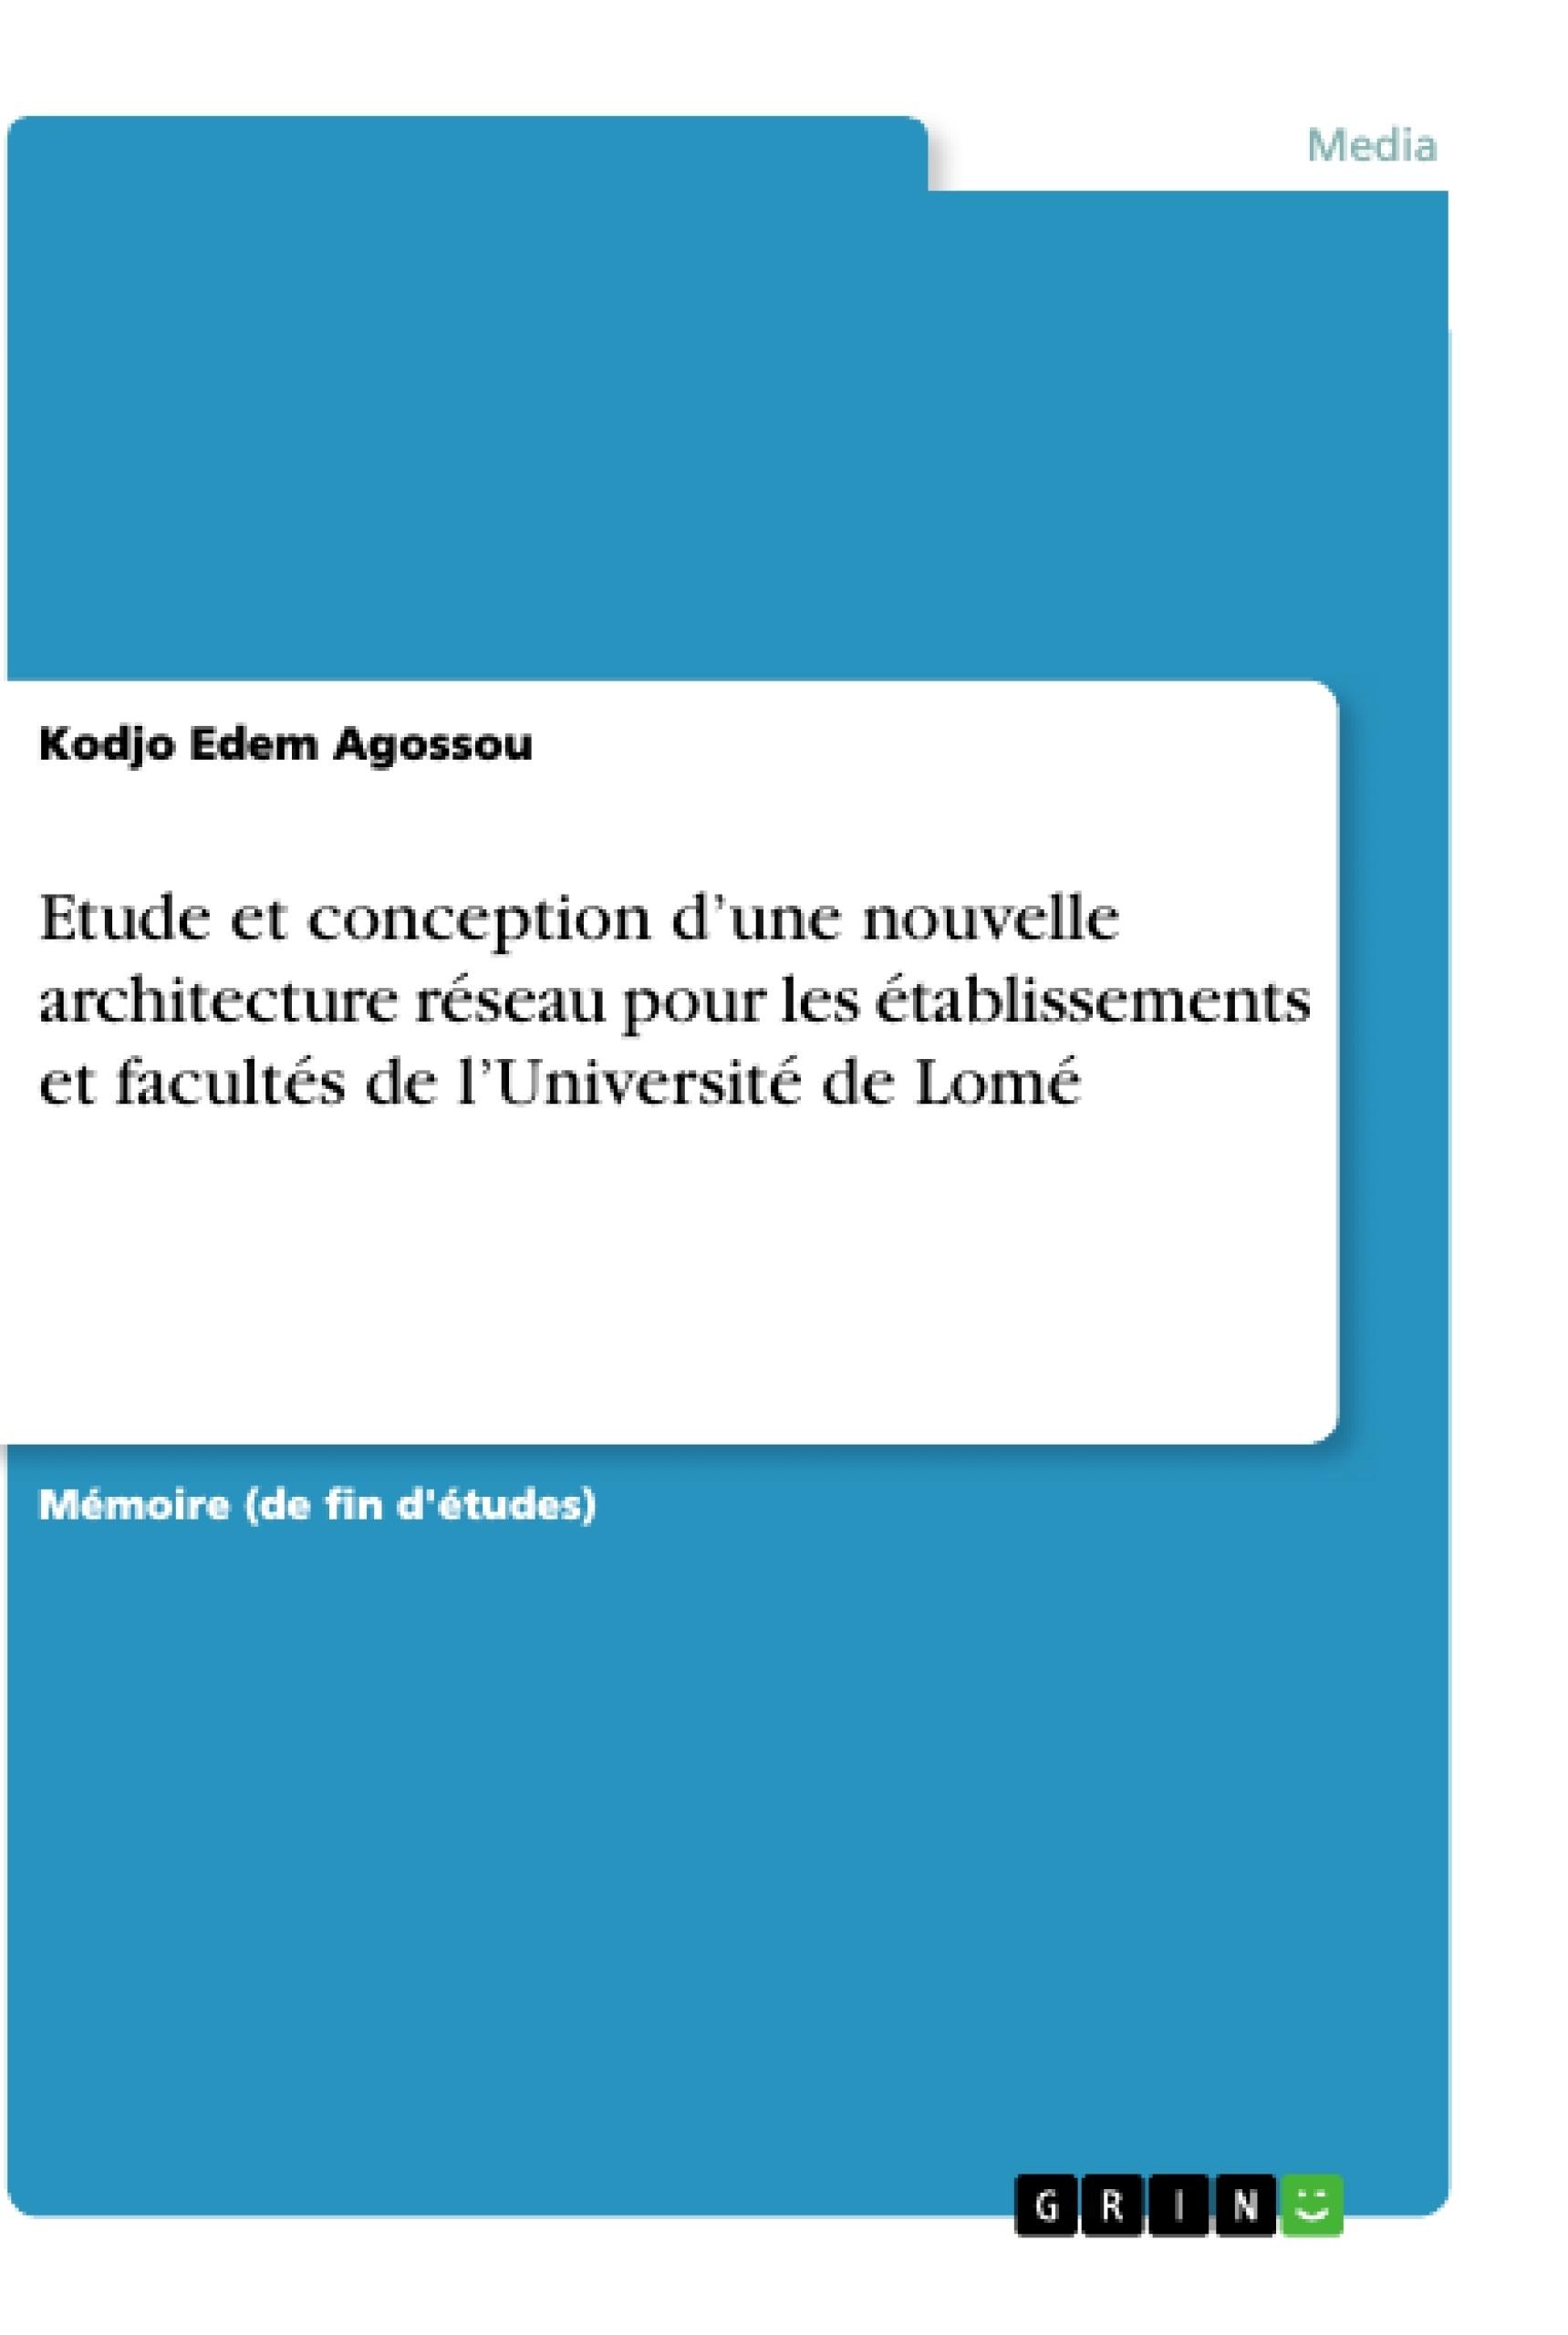 Titre: Etude et conception d'une nouvelle architecture réseau pour les établissements et facultés de l'Université de Lomé